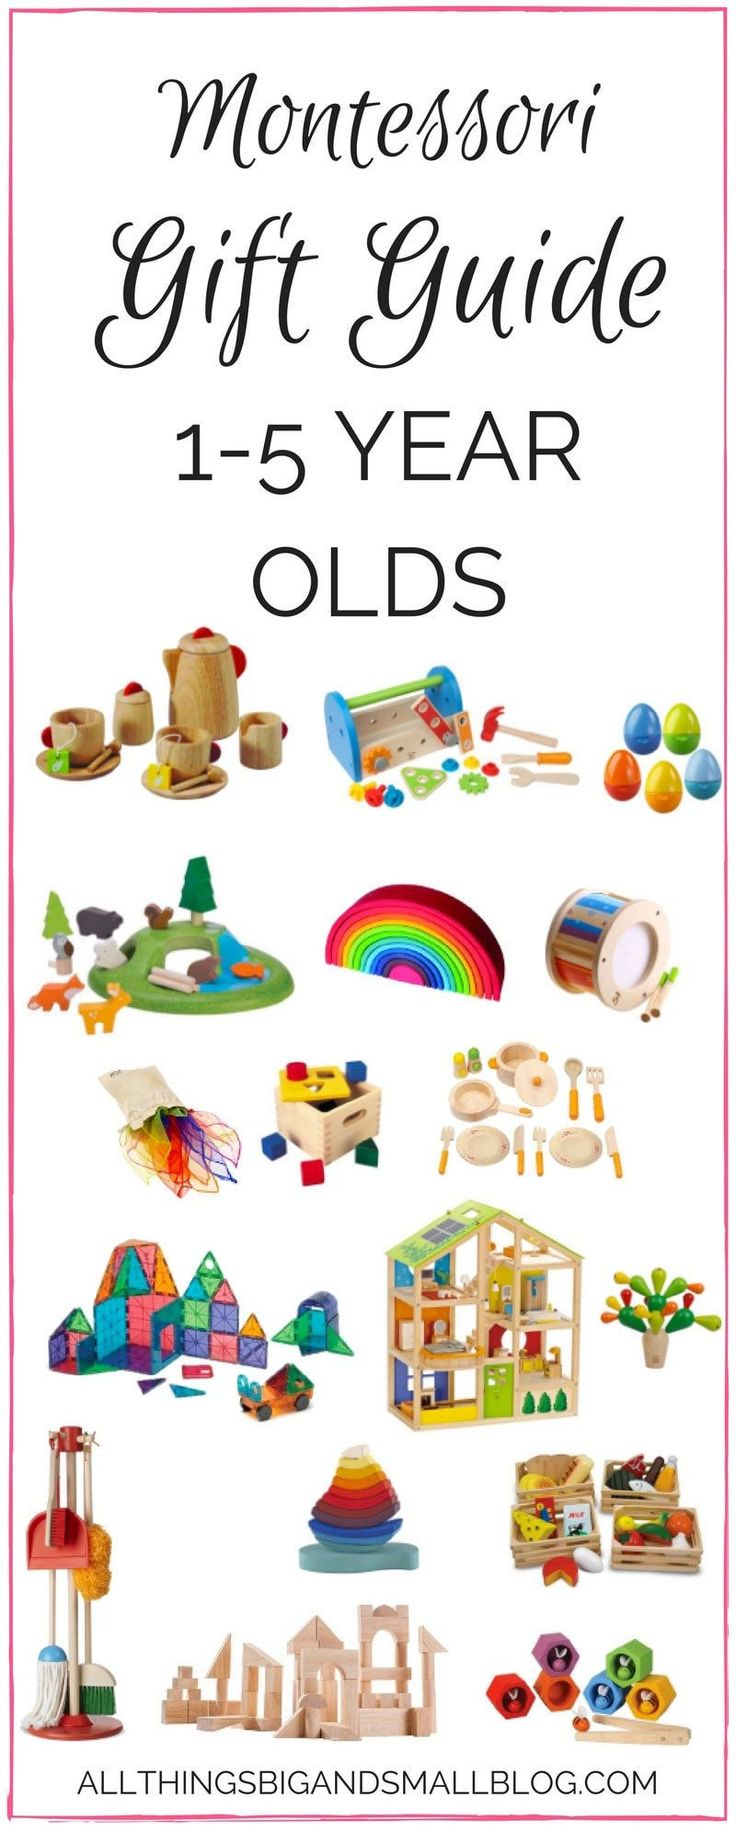 Cadeaux Montessori pour tout-petits | Guide de cadeaux | Décor maman bricolage   – Montessori